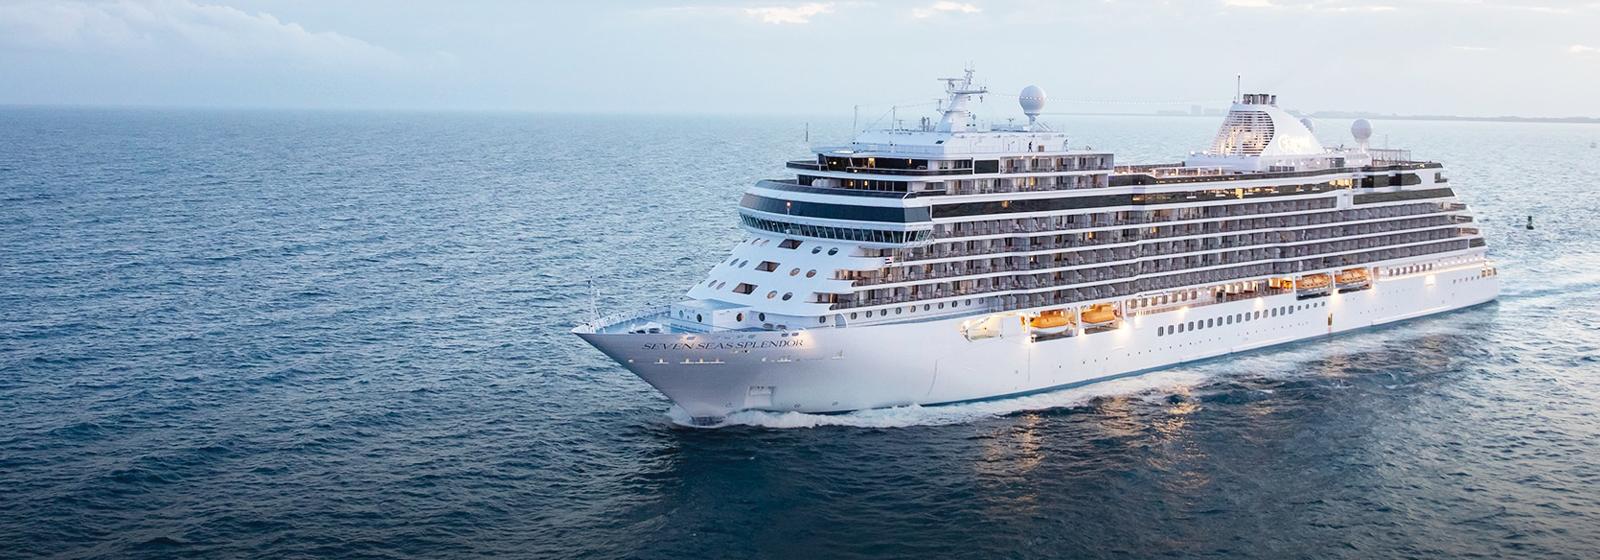 Seven Seas Splendor-1